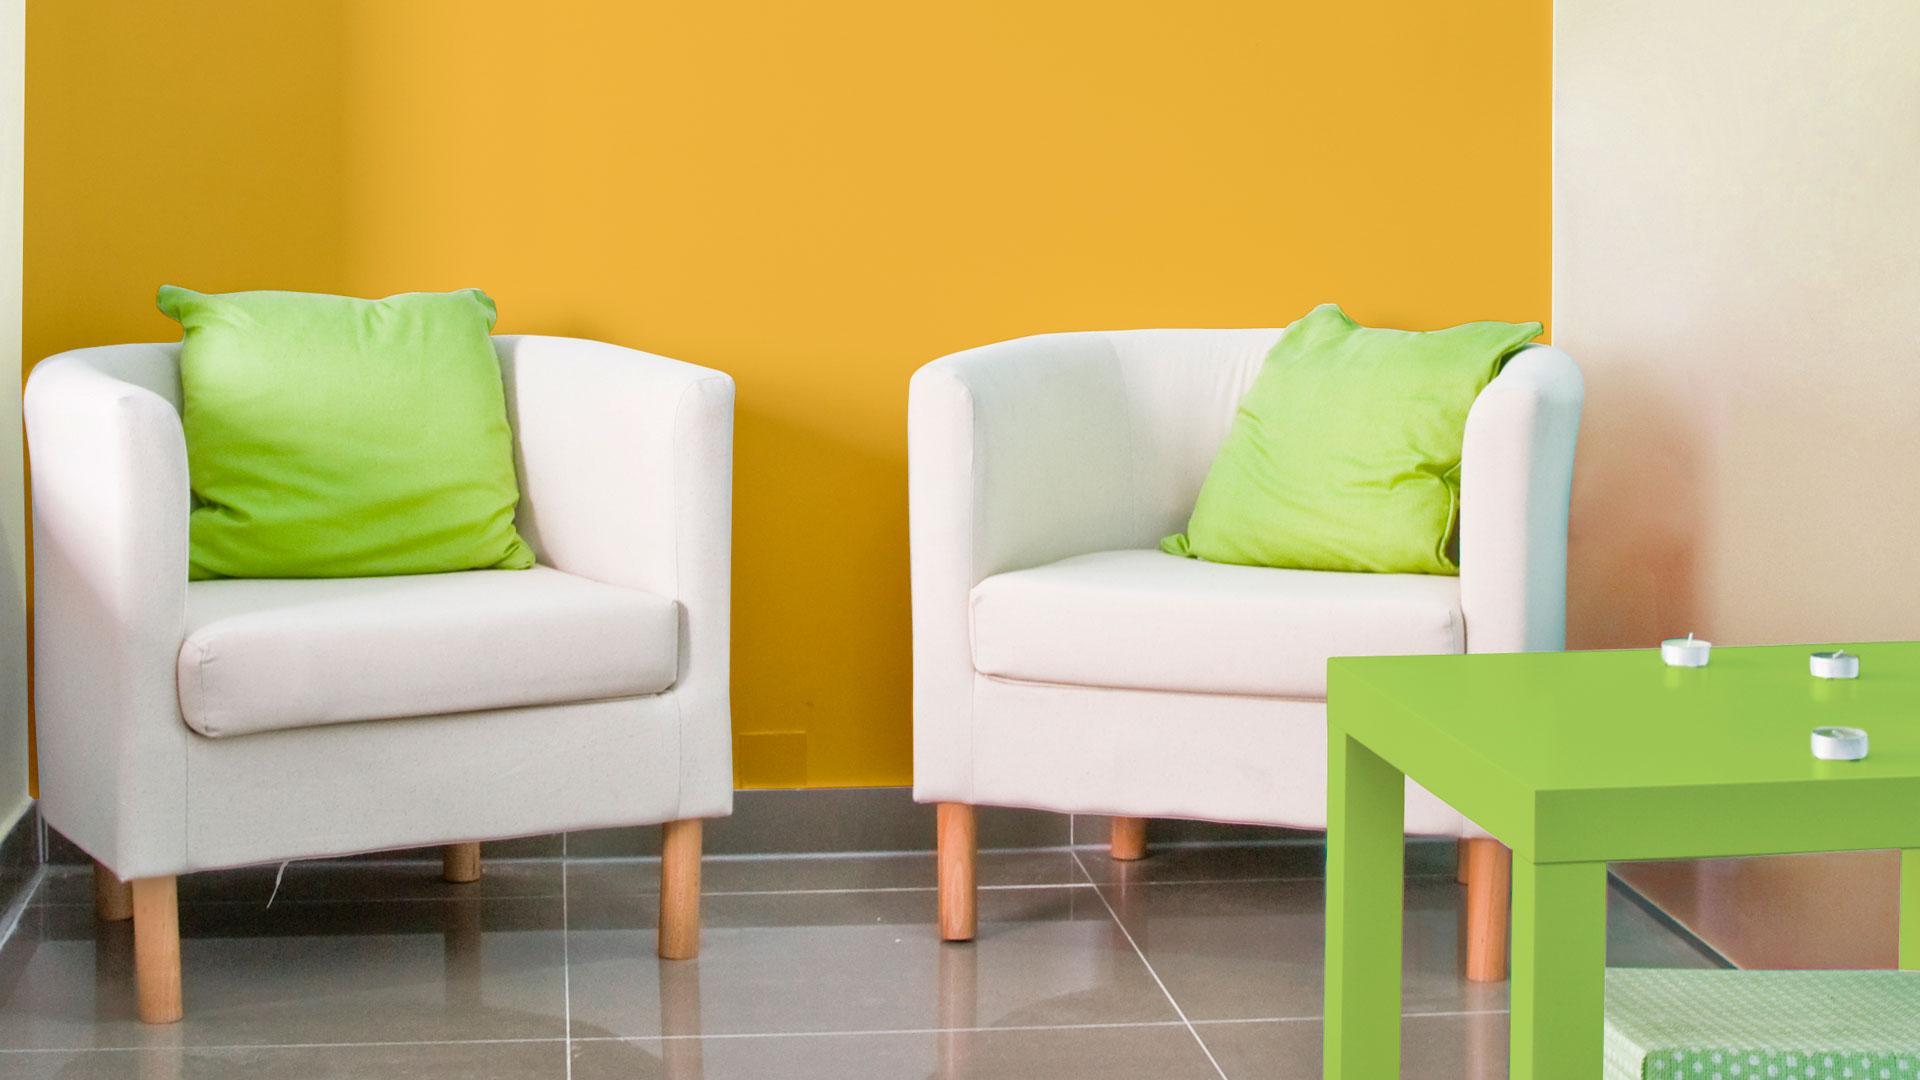 Gama de colores verdes para pintar paredes amazing te proponemos nuestra seleccin en verde - Gama de colores para pintar paredes ...